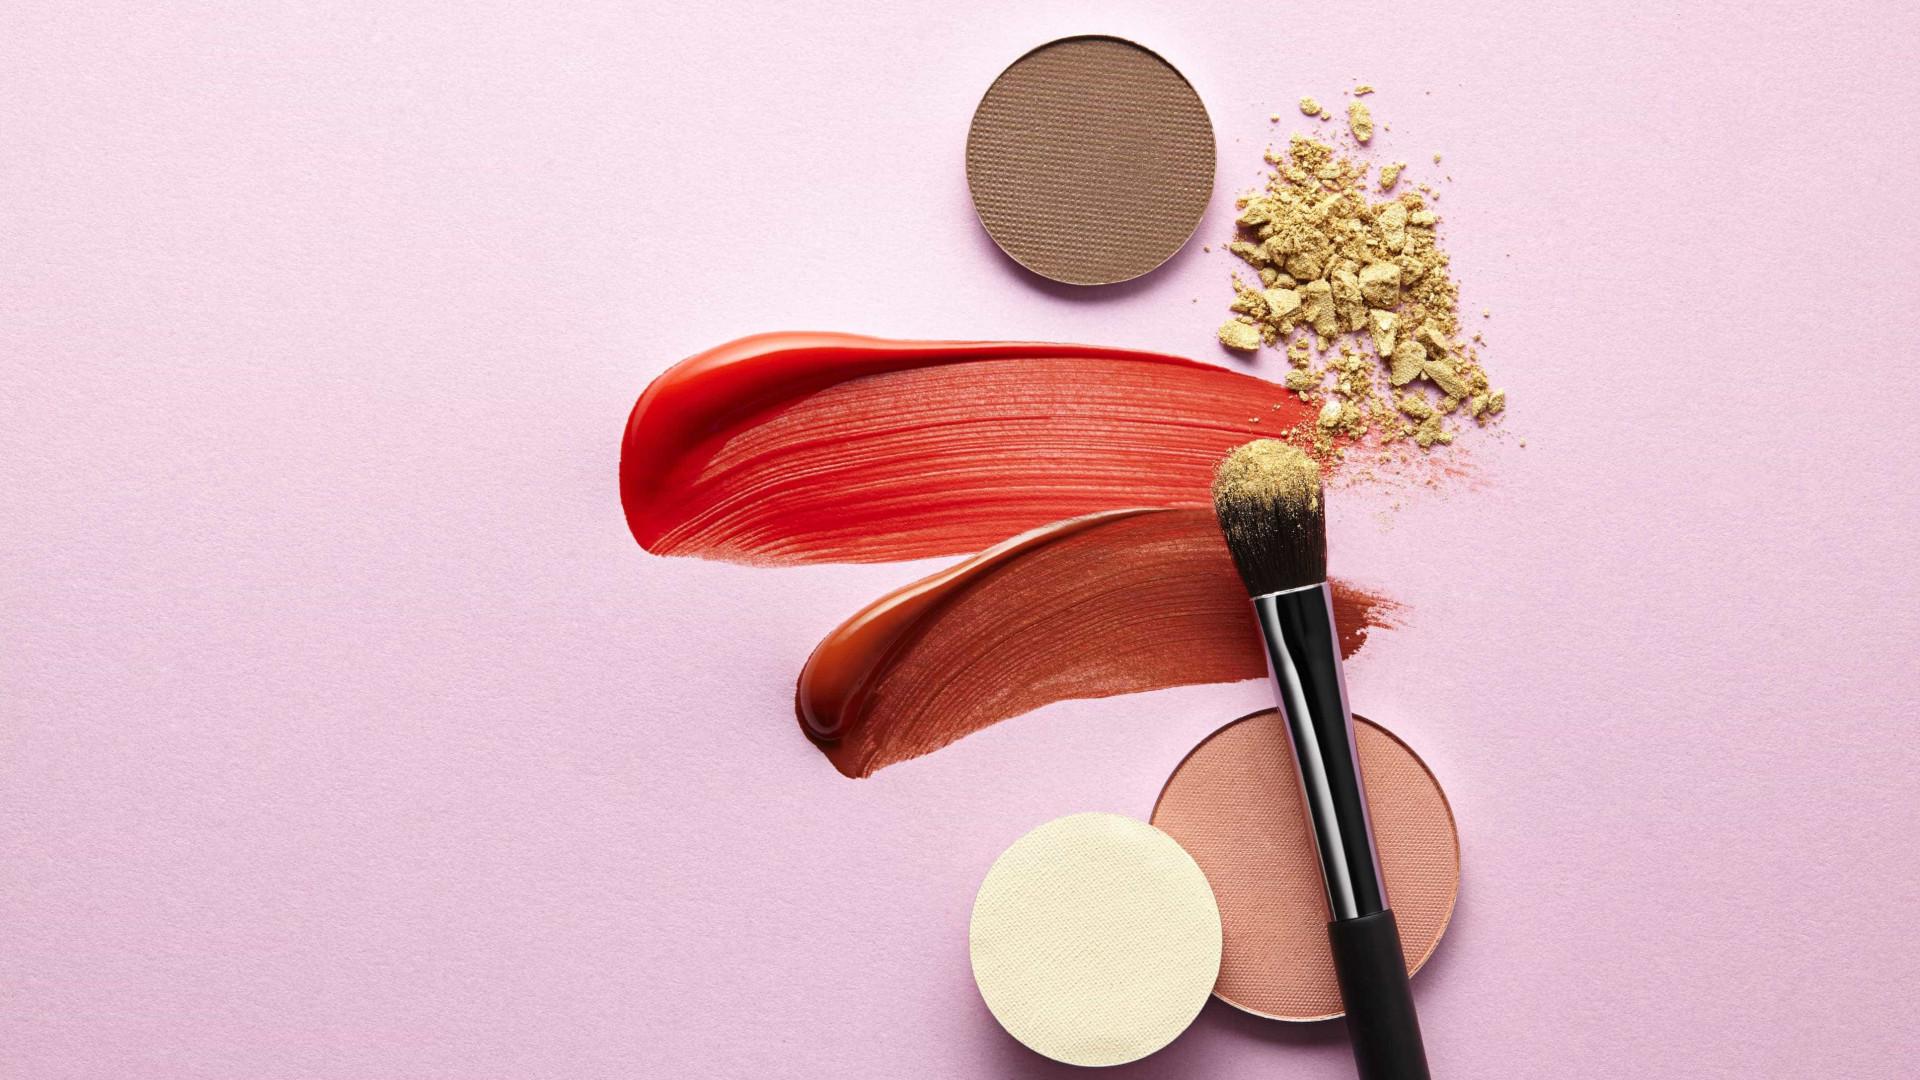 Cinco regras de beleza para um look perfeito